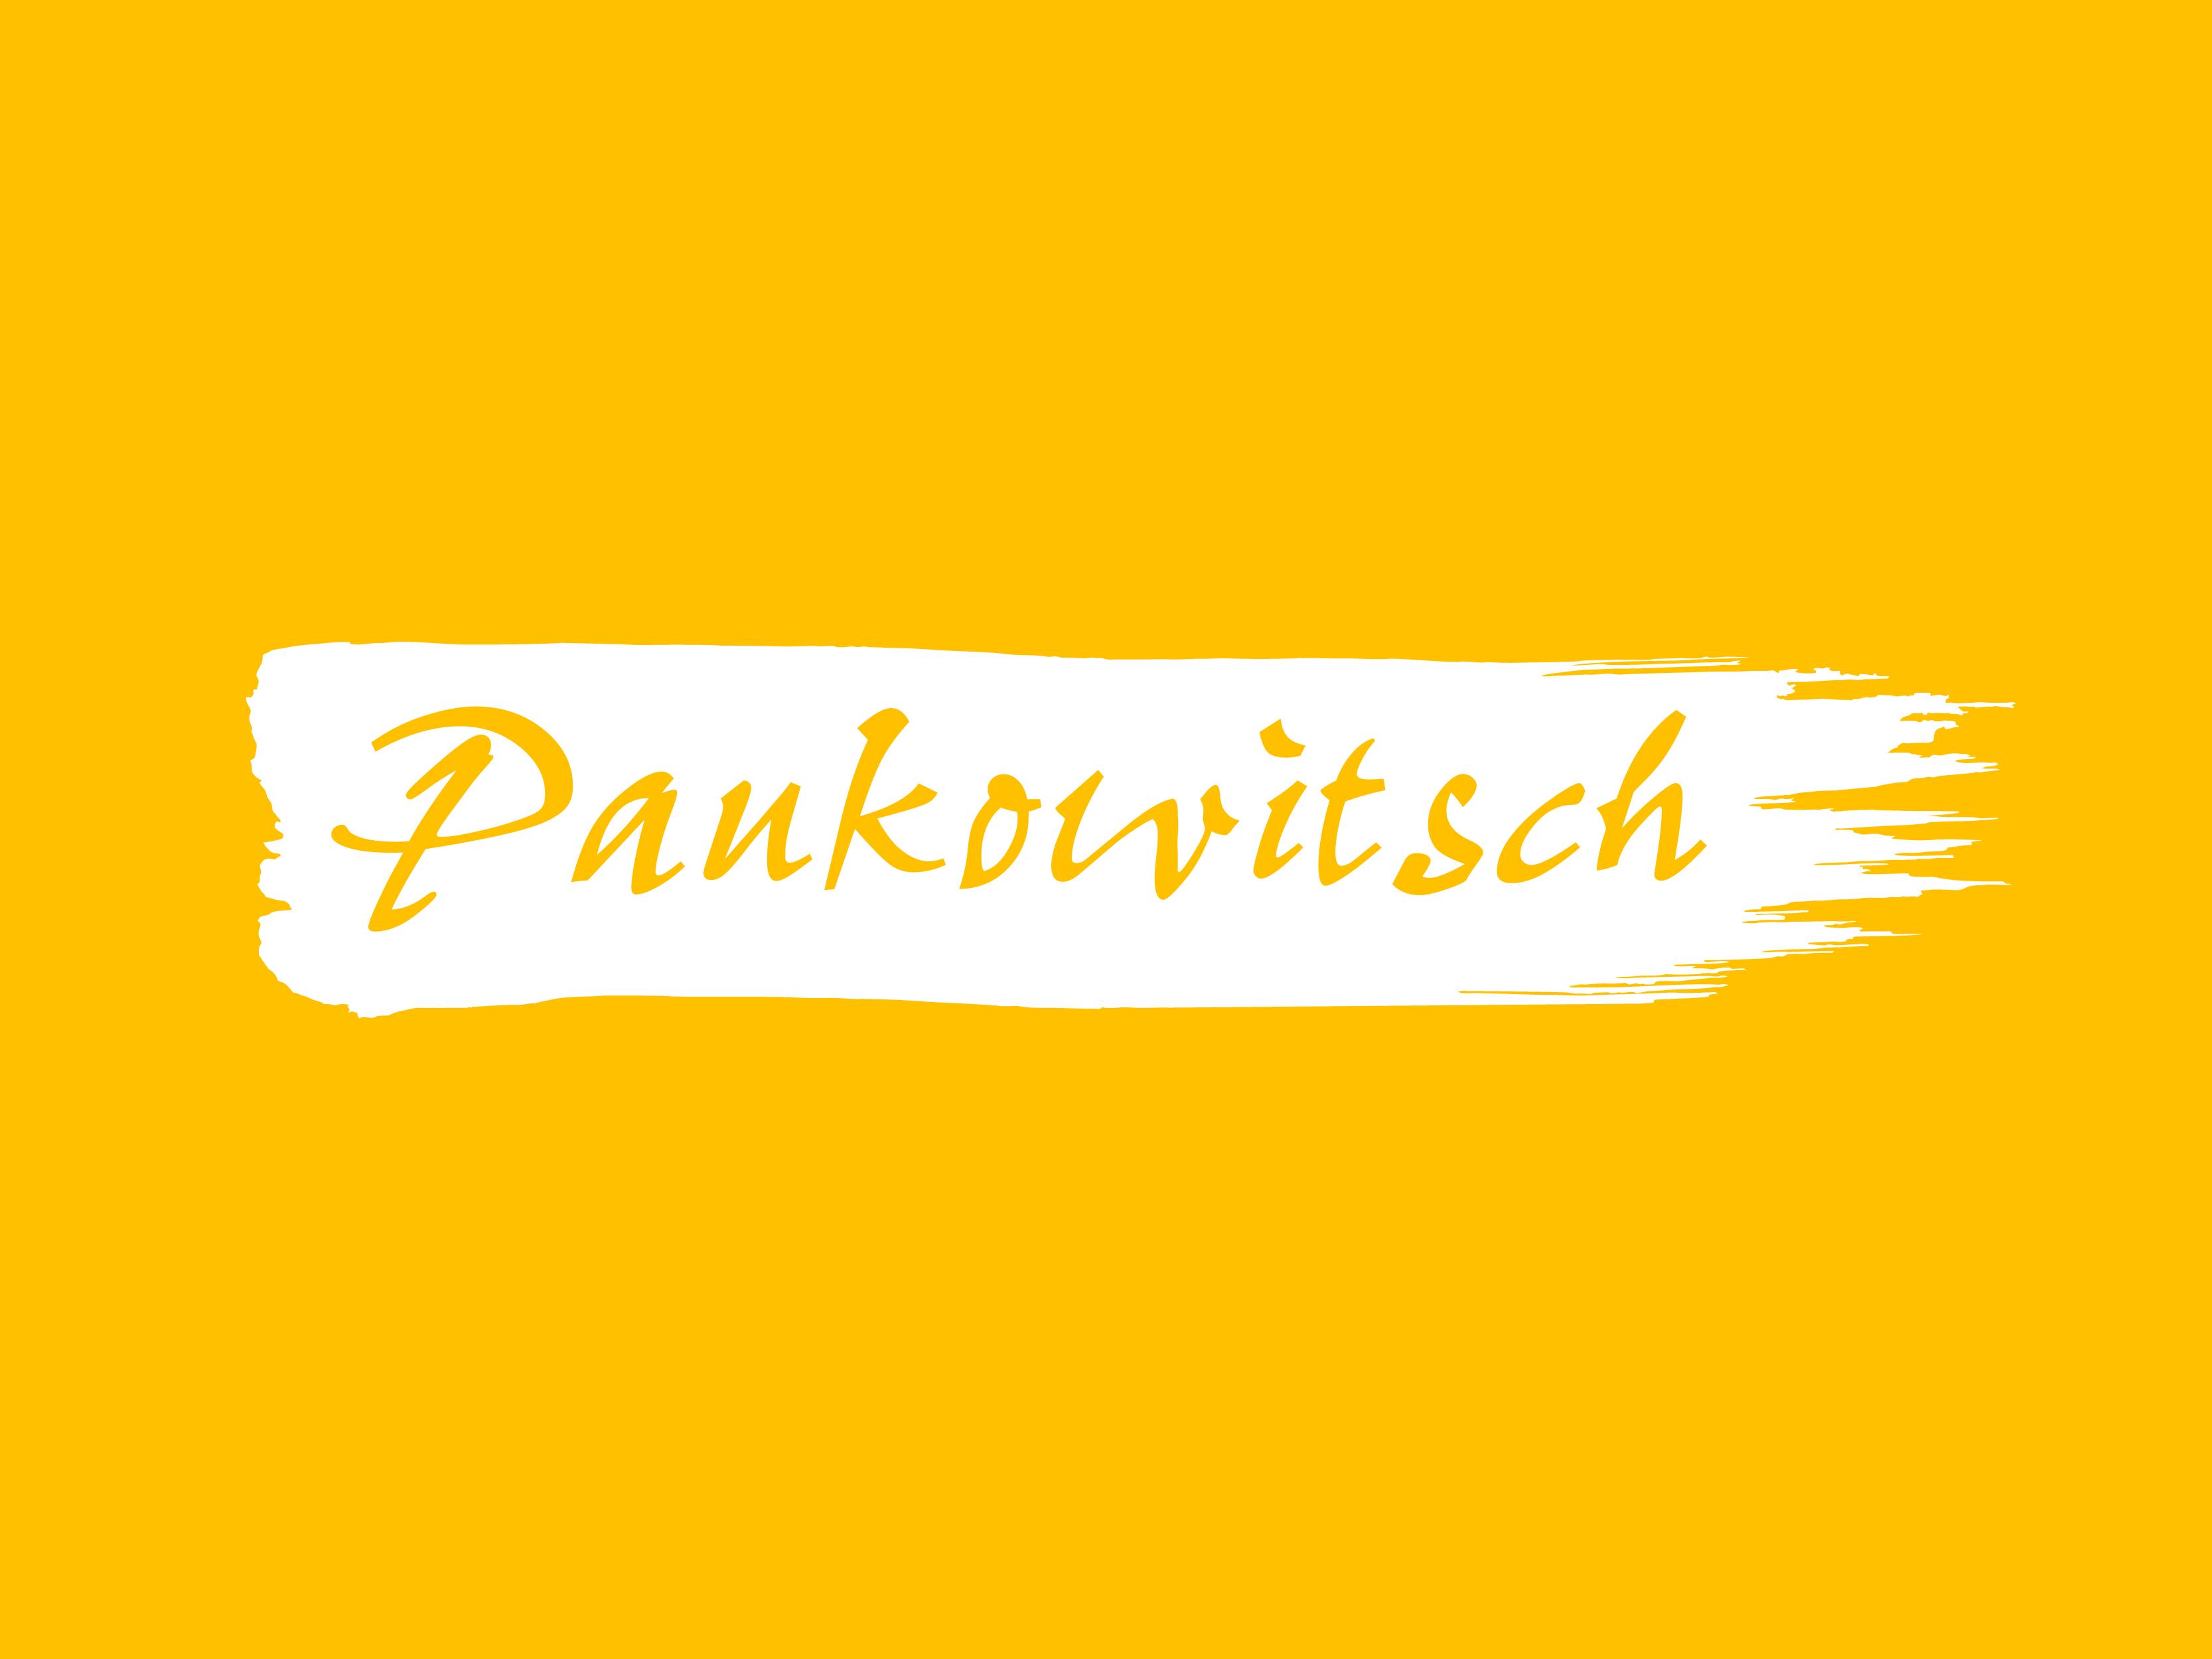 Ewald Paukowitsch